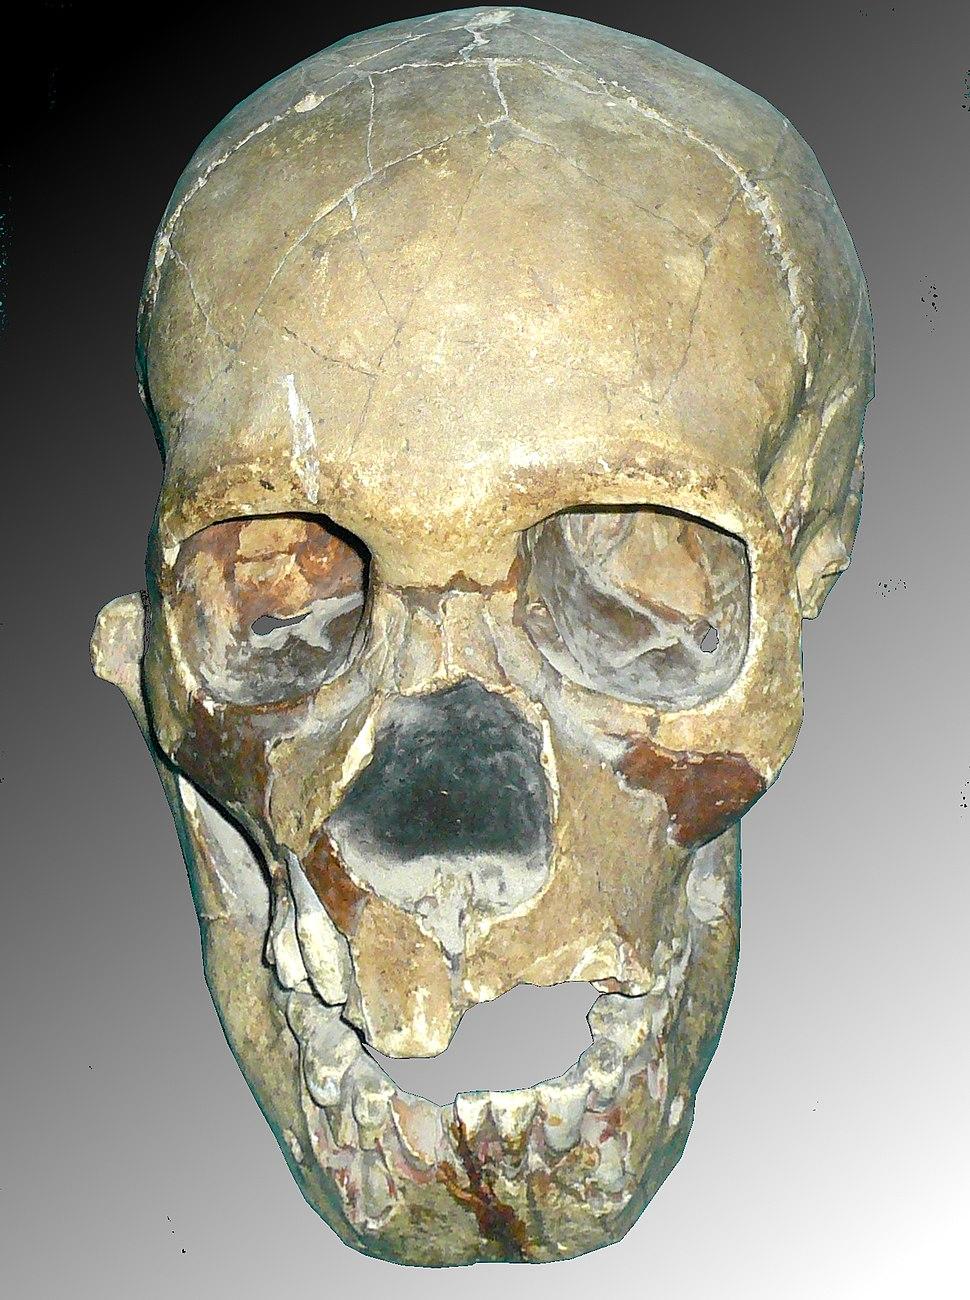 Skull of Teshik-Tash Boy